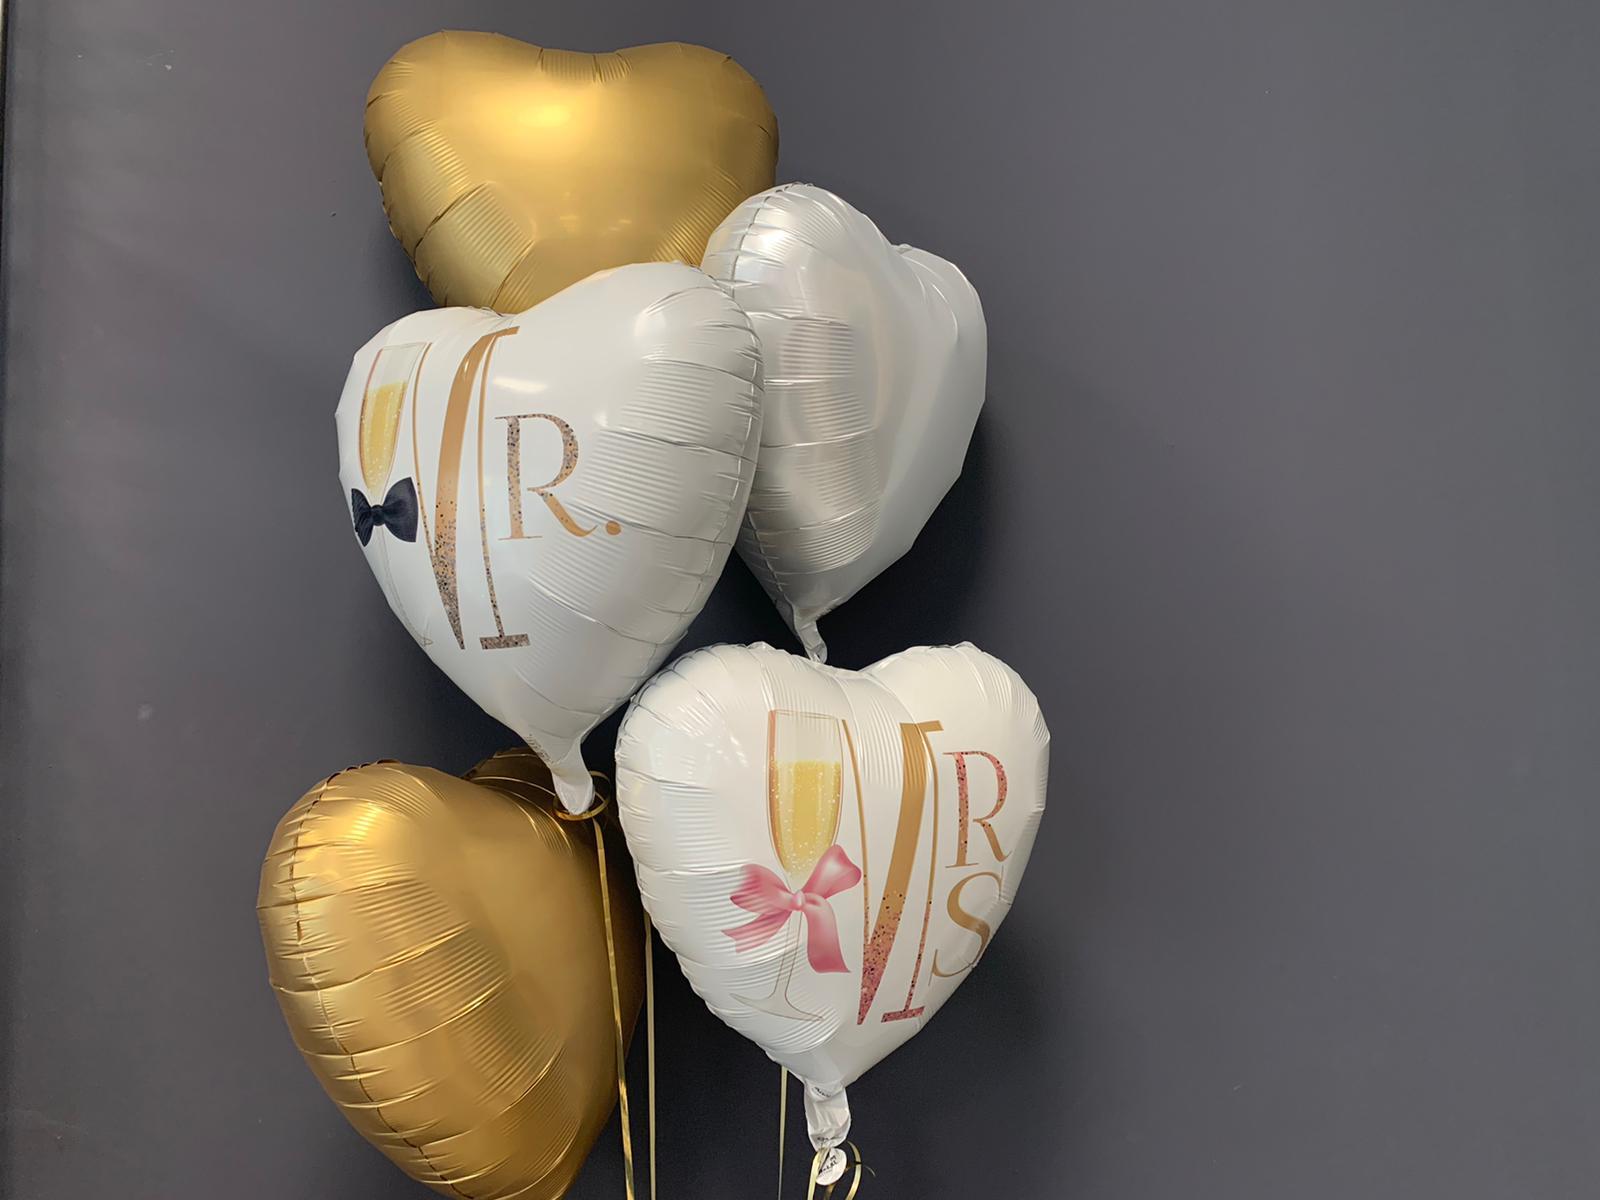 10 Ballons Hochzeit Brautpaar MR MRS weiß neu Wedding LATEX BALLONS JUST MARRIED